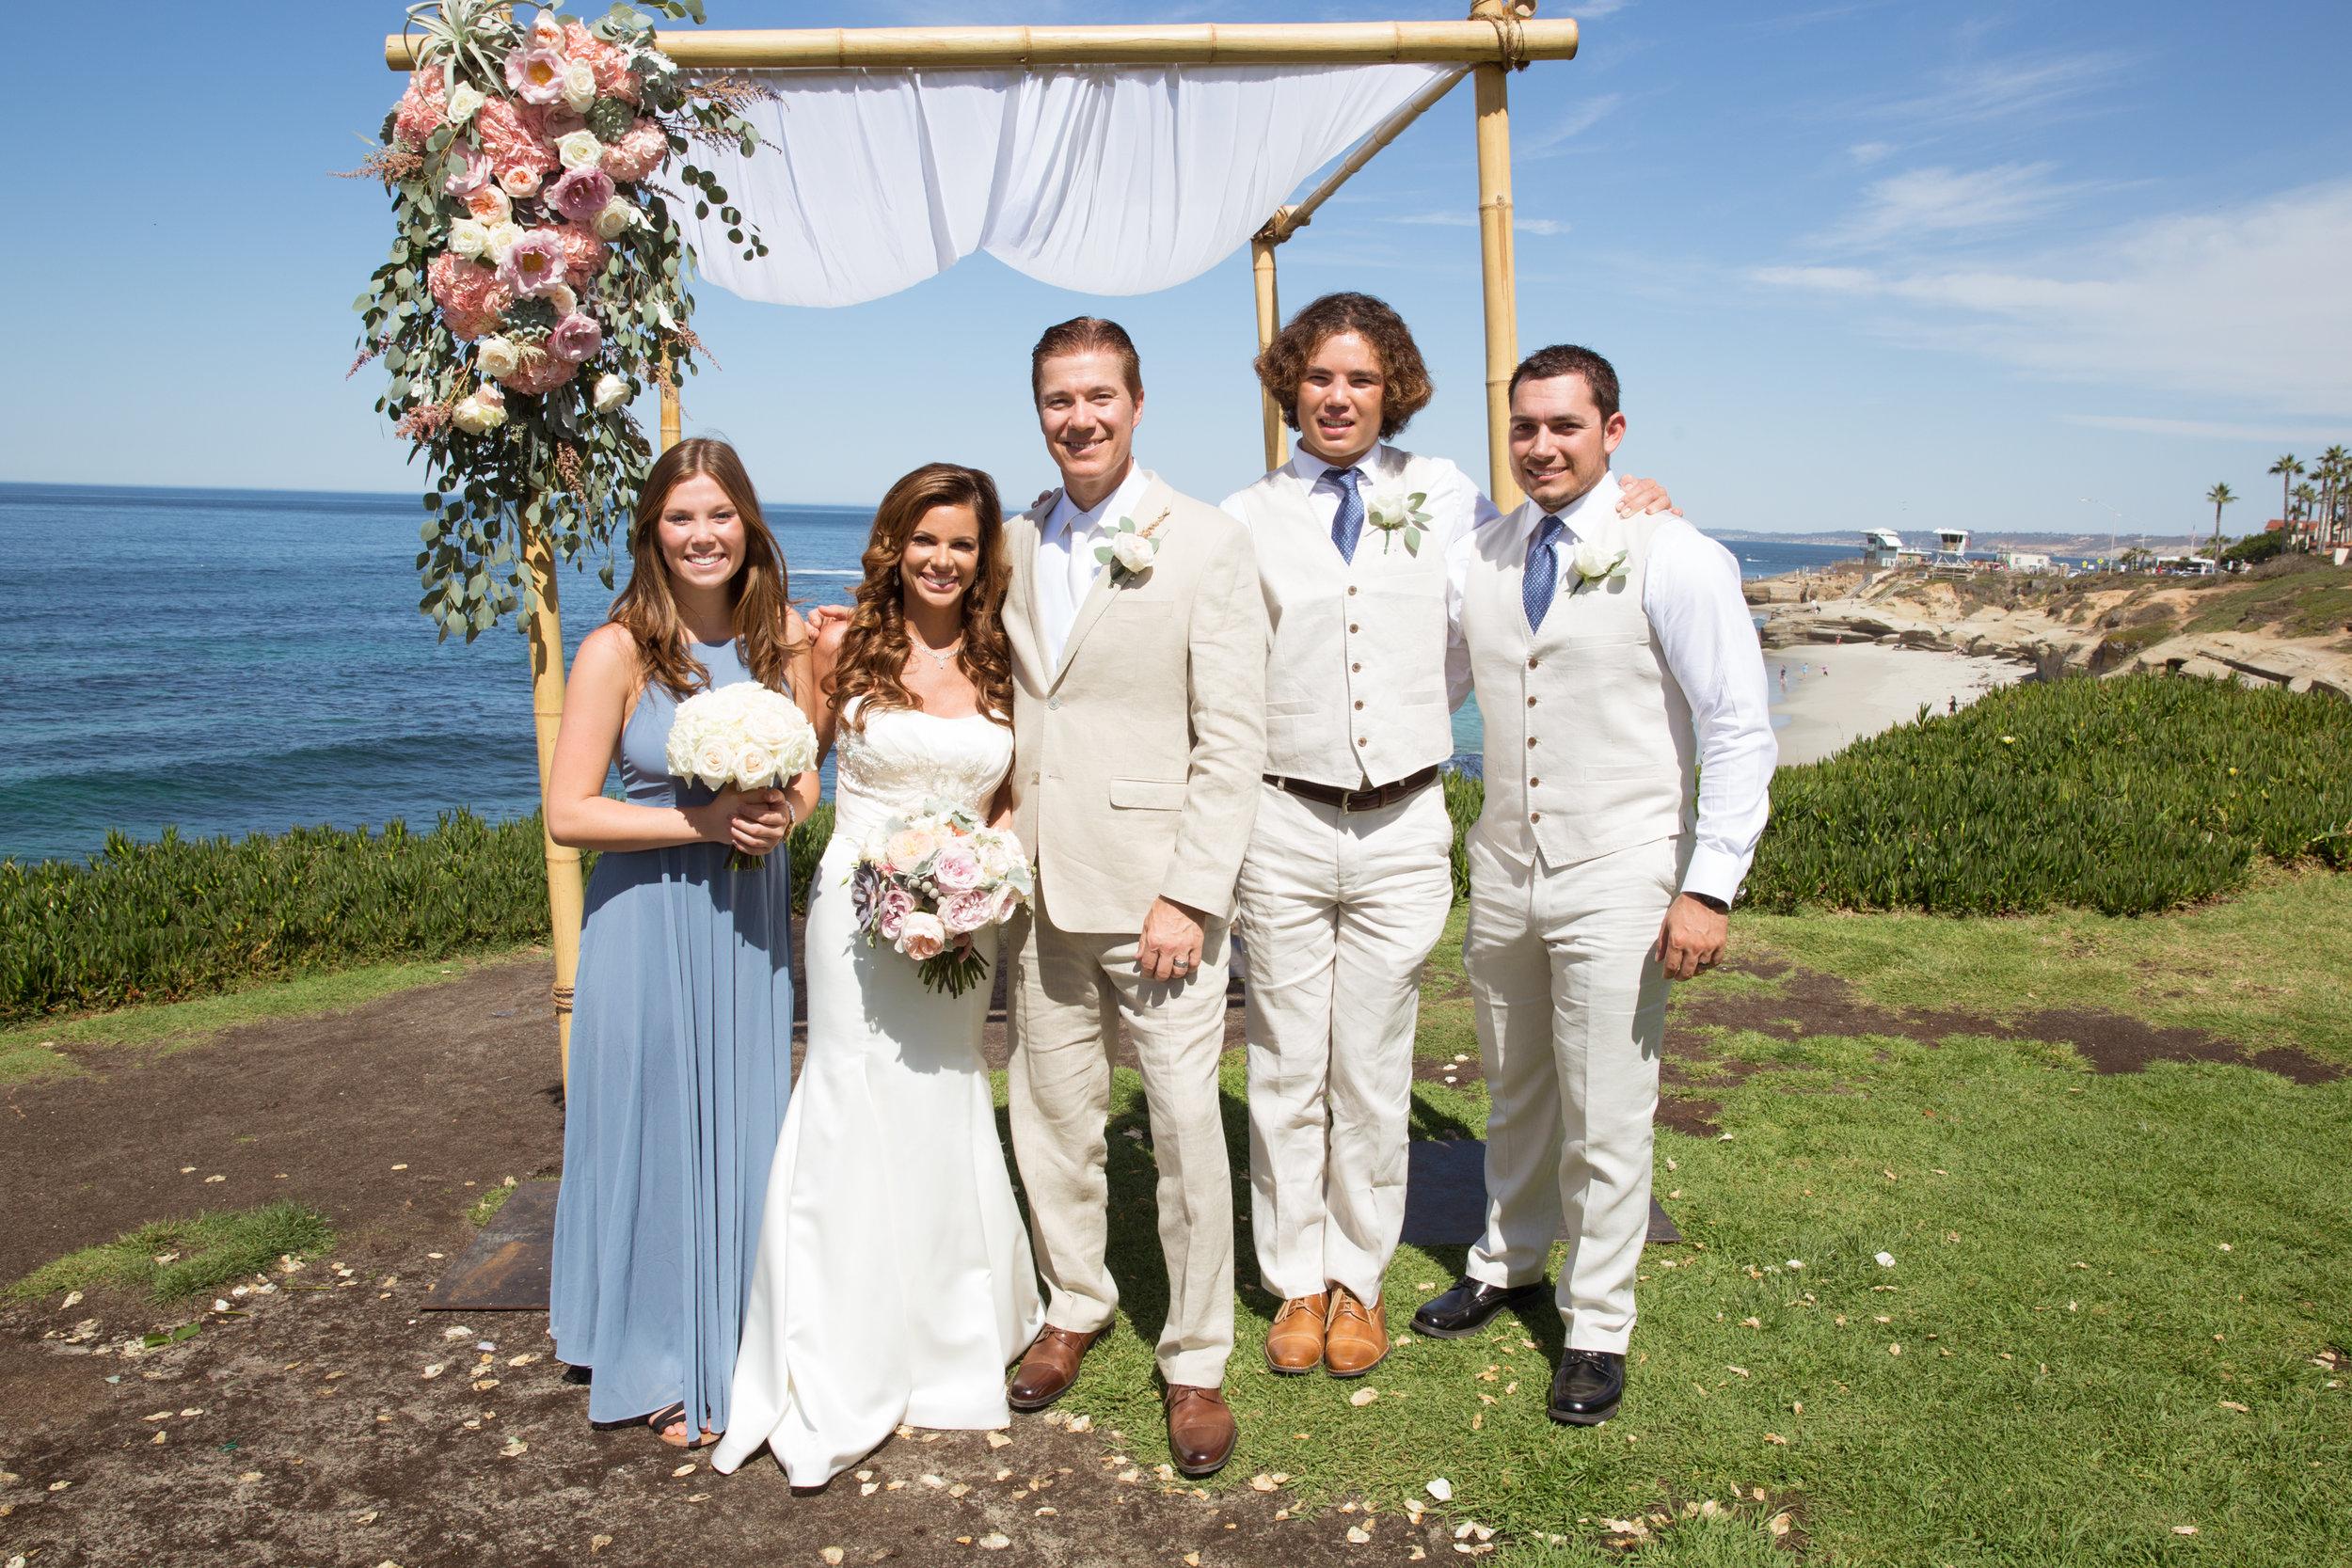 la jolla wedding-15.jpg